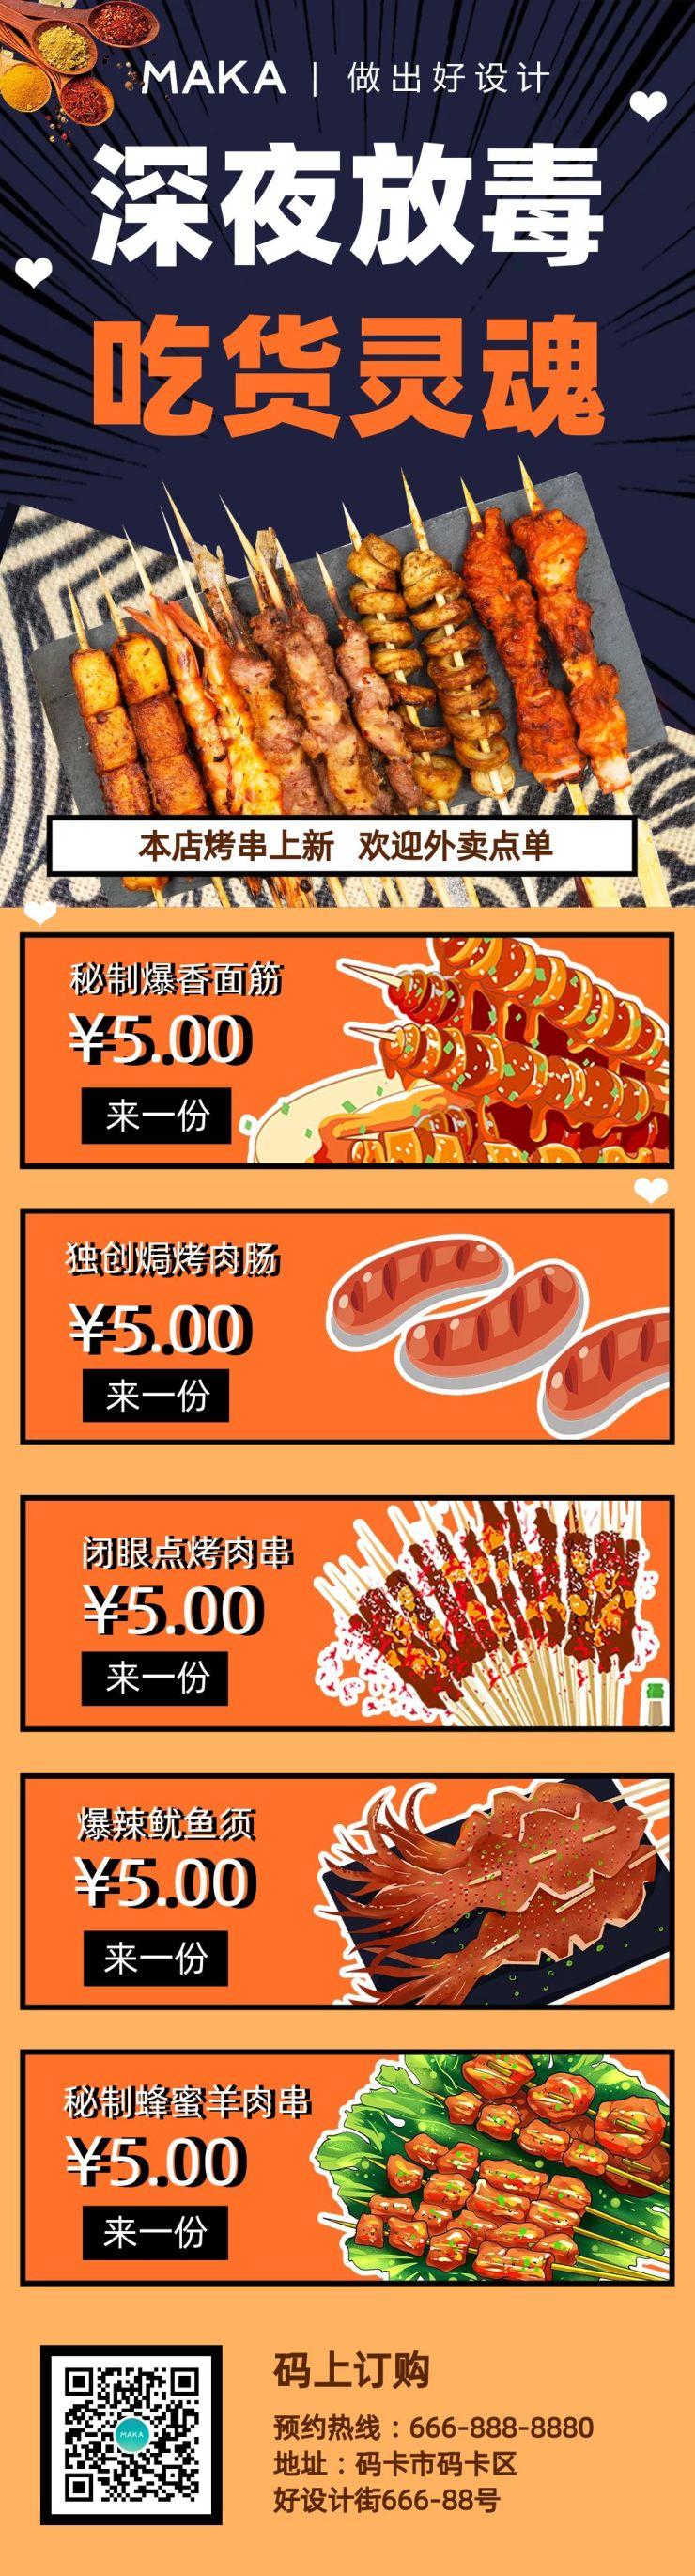 橙色简约风餐厅美食宣传长图